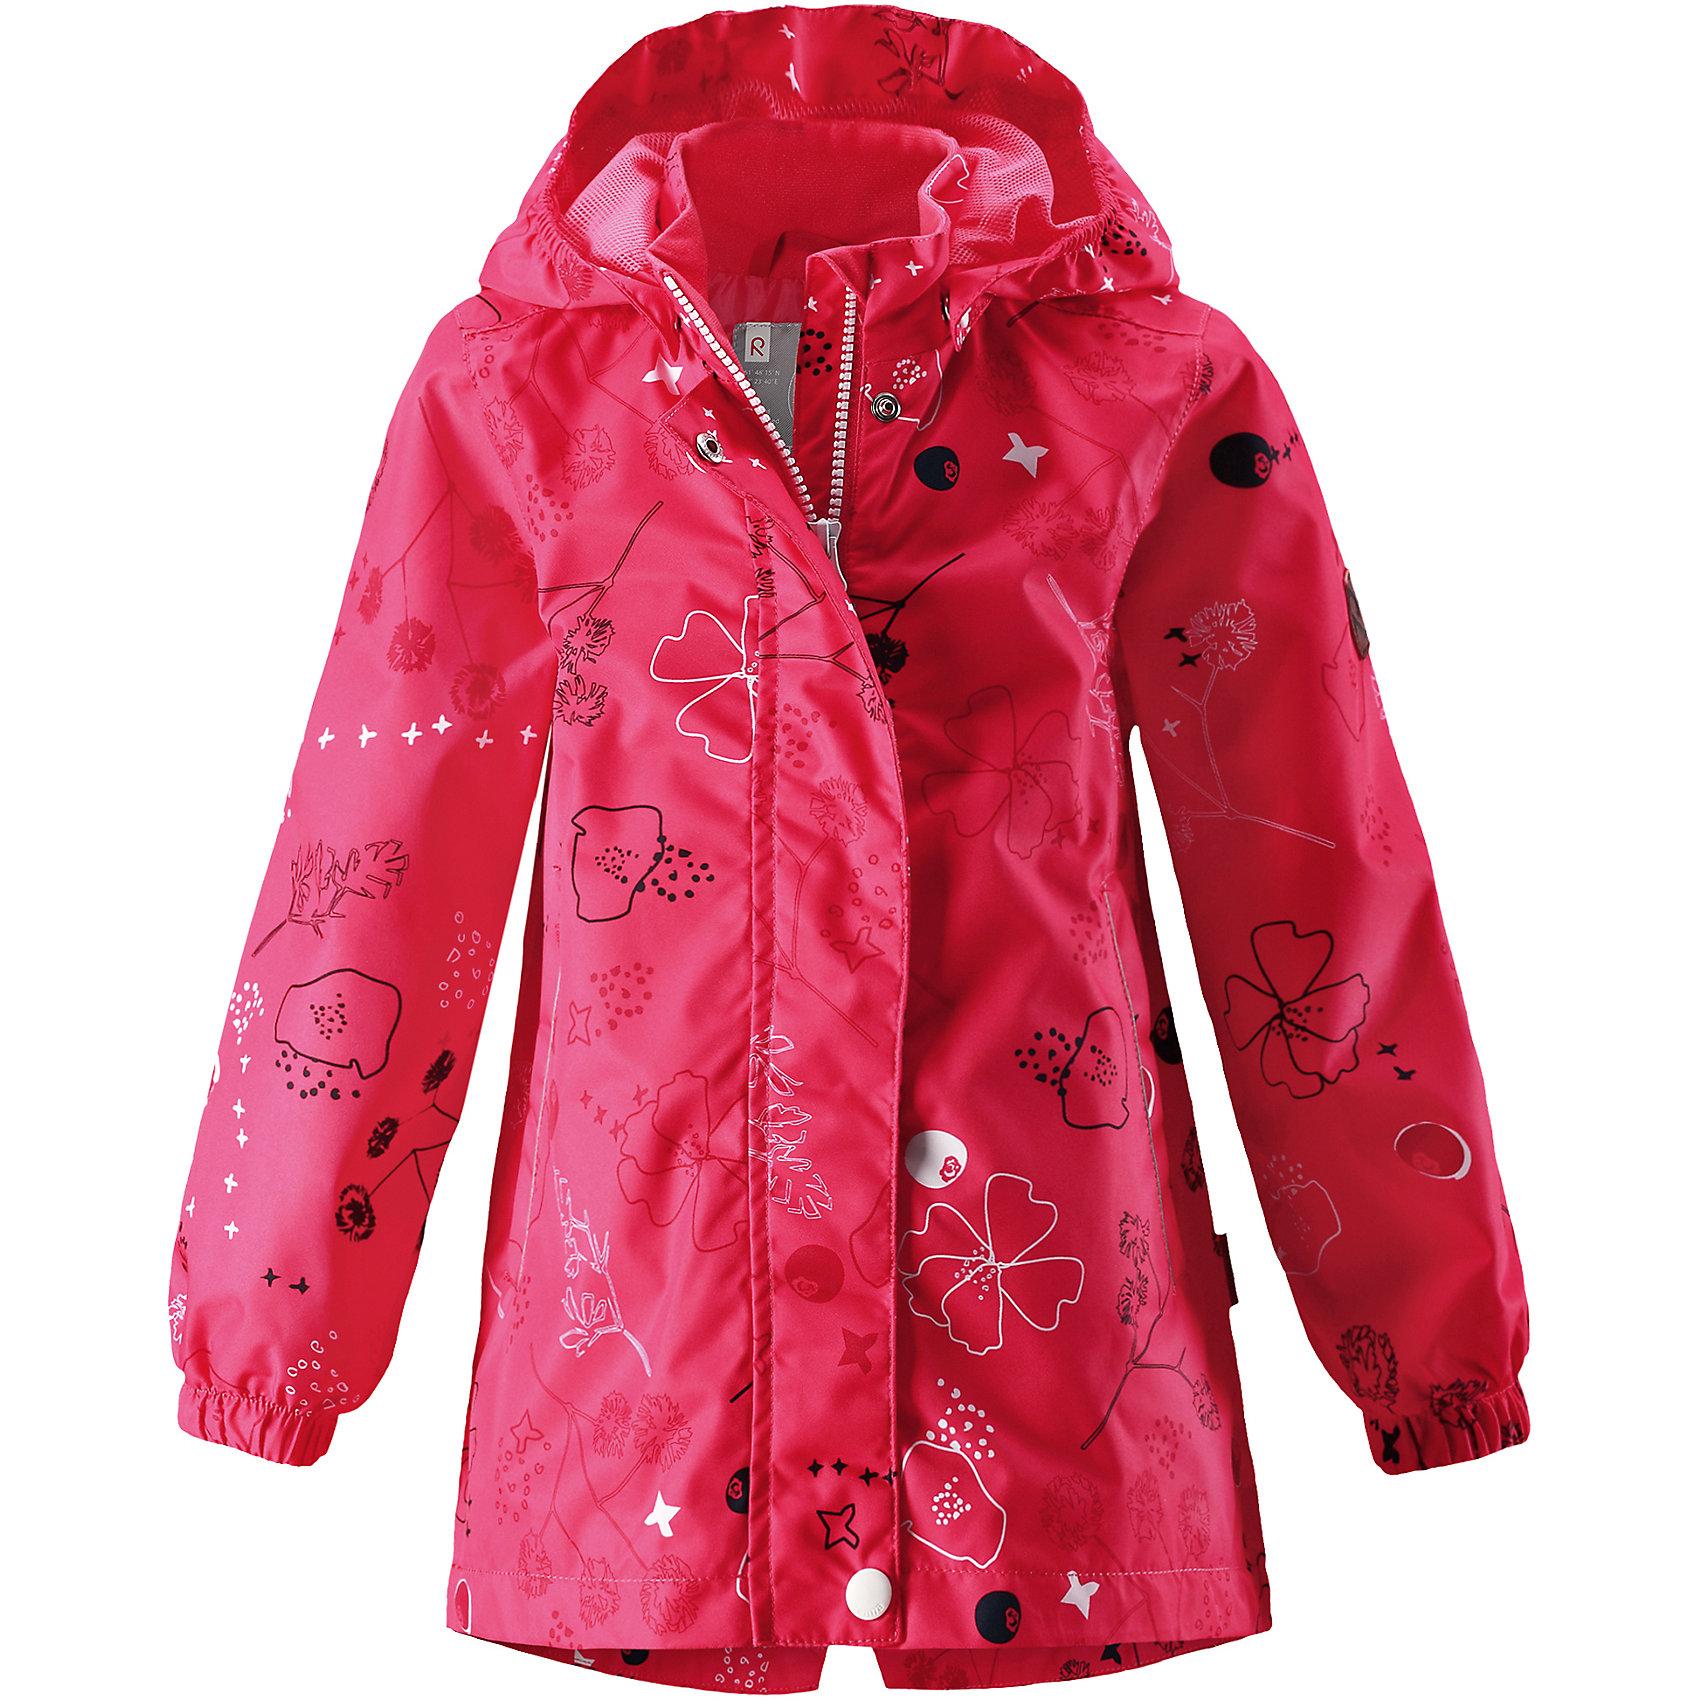 Куртка Kimalle для девочки Reimatec® ReimaОдежда<br>Характеристики товара:<br><br>• цвет: розовый<br>• состав: 100% полиэстер, полиуретановое покрытие<br>• температурный режим: от +5° до +15°С<br>• водонепроницаемость: 5000 мм<br>• воздухопроницаемость: 3000 мм<br>• износостойкость: 15000 циклов (тест Мартиндейла)<br>• без утеплителя<br>• основные швы проклеены, водонепроницаемы<br>• водо- и ветронепроницаемый, дышащий, грязеотталкивающий материал<br>• удлиненная модель<br>• гладкая подкладка из полиэстера<br>• эластичные манжеты<br>• безопасный съёмный капюшон<br>• талия регулируется изнутри<br>• два прорезных кармана<br>• светоотражающие детали<br>• комфортная посадка<br>• страна производства: Китай<br>• страна бренда: Финляндия<br>• коллекция: весна-лето 2017<br><br>В межсезонье верхняя одежда для детей может быть модной и комфортной одновременно! Демисезонная куртка поможет обеспечить ребенку комфорт и тепло. Она отлично смотрится с различной одеждой и обувью. Изделие удобно сидит и модно выглядит. Материал - прочный, хорошо подходящий для межсезонья, водо- и ветронепроницаемый, «дышащий». Стильный дизайн разрабатывался специально для детей.<br><br>Одежда и обувь от финского бренда Reima пользуется популярностью во многих странах. Эти изделия стильные, качественные и удобные. Для производства продукции используются только безопасные, проверенные материалы и фурнитура. Порадуйте ребенка модными и красивыми вещами от Reima! <br><br>Куртку для девочки Reimatec® от финского бренда Reima (Рейма) можно купить в нашем интернет-магазине.<br><br>Ширина мм: 356<br>Глубина мм: 10<br>Высота мм: 245<br>Вес г: 519<br>Цвет: розовый<br>Возраст от месяцев: 48<br>Возраст до месяцев: 60<br>Пол: Женский<br>Возраст: Детский<br>Размер: 110,128,140,146,104,152,134,116,122<br>SKU: 5270613